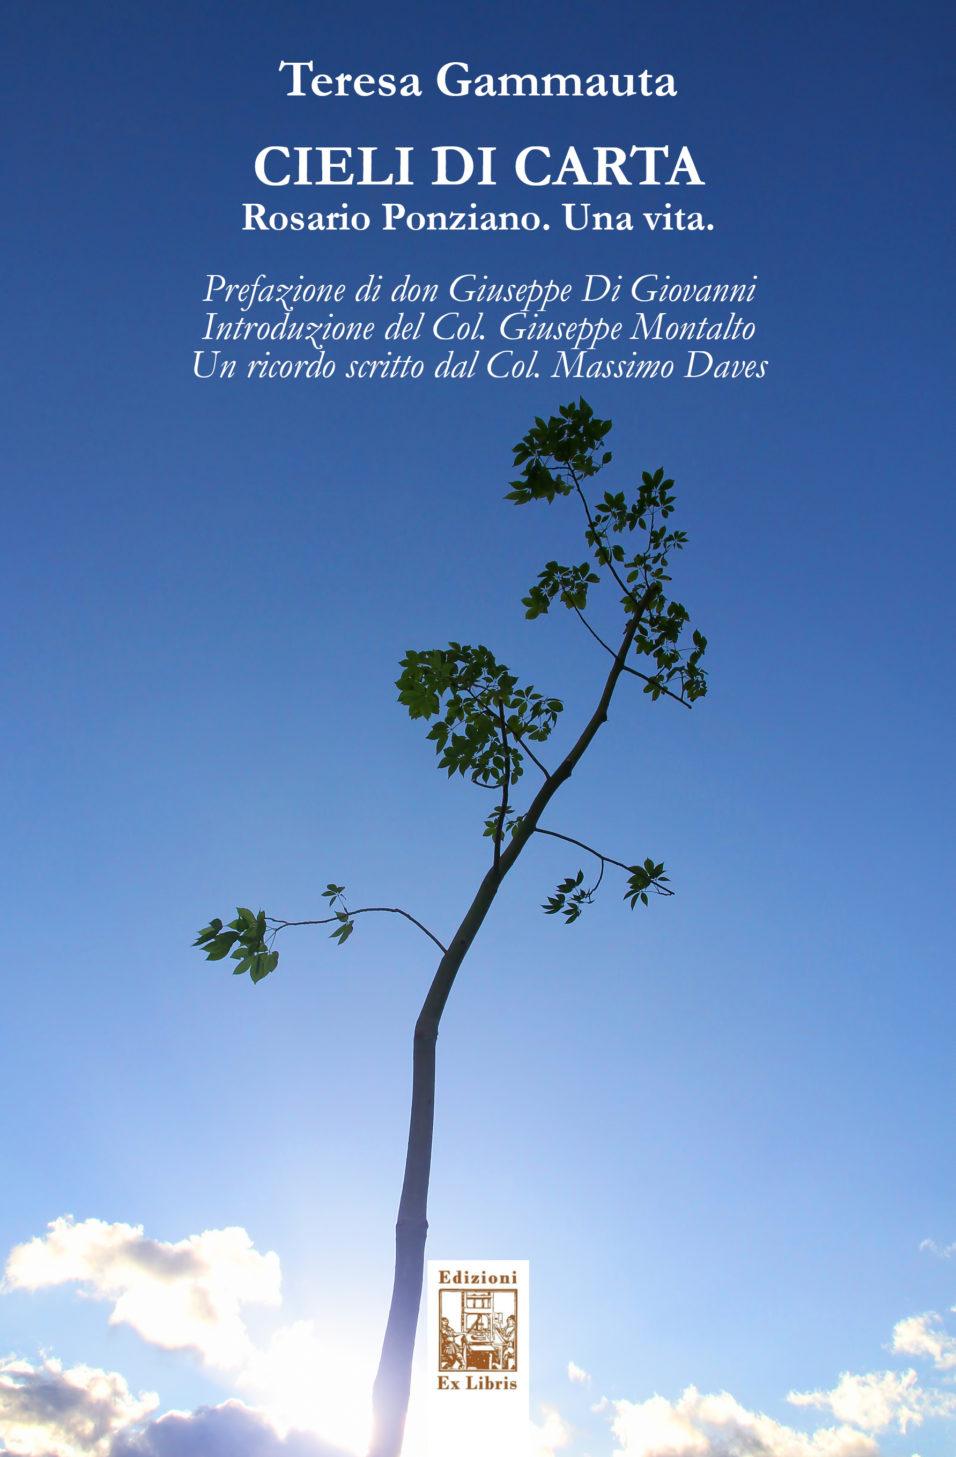 Cieli di carta, di Teresa Gammauta, Edizioni Ex Libris. Copertina del libro su Rosario Ponziano